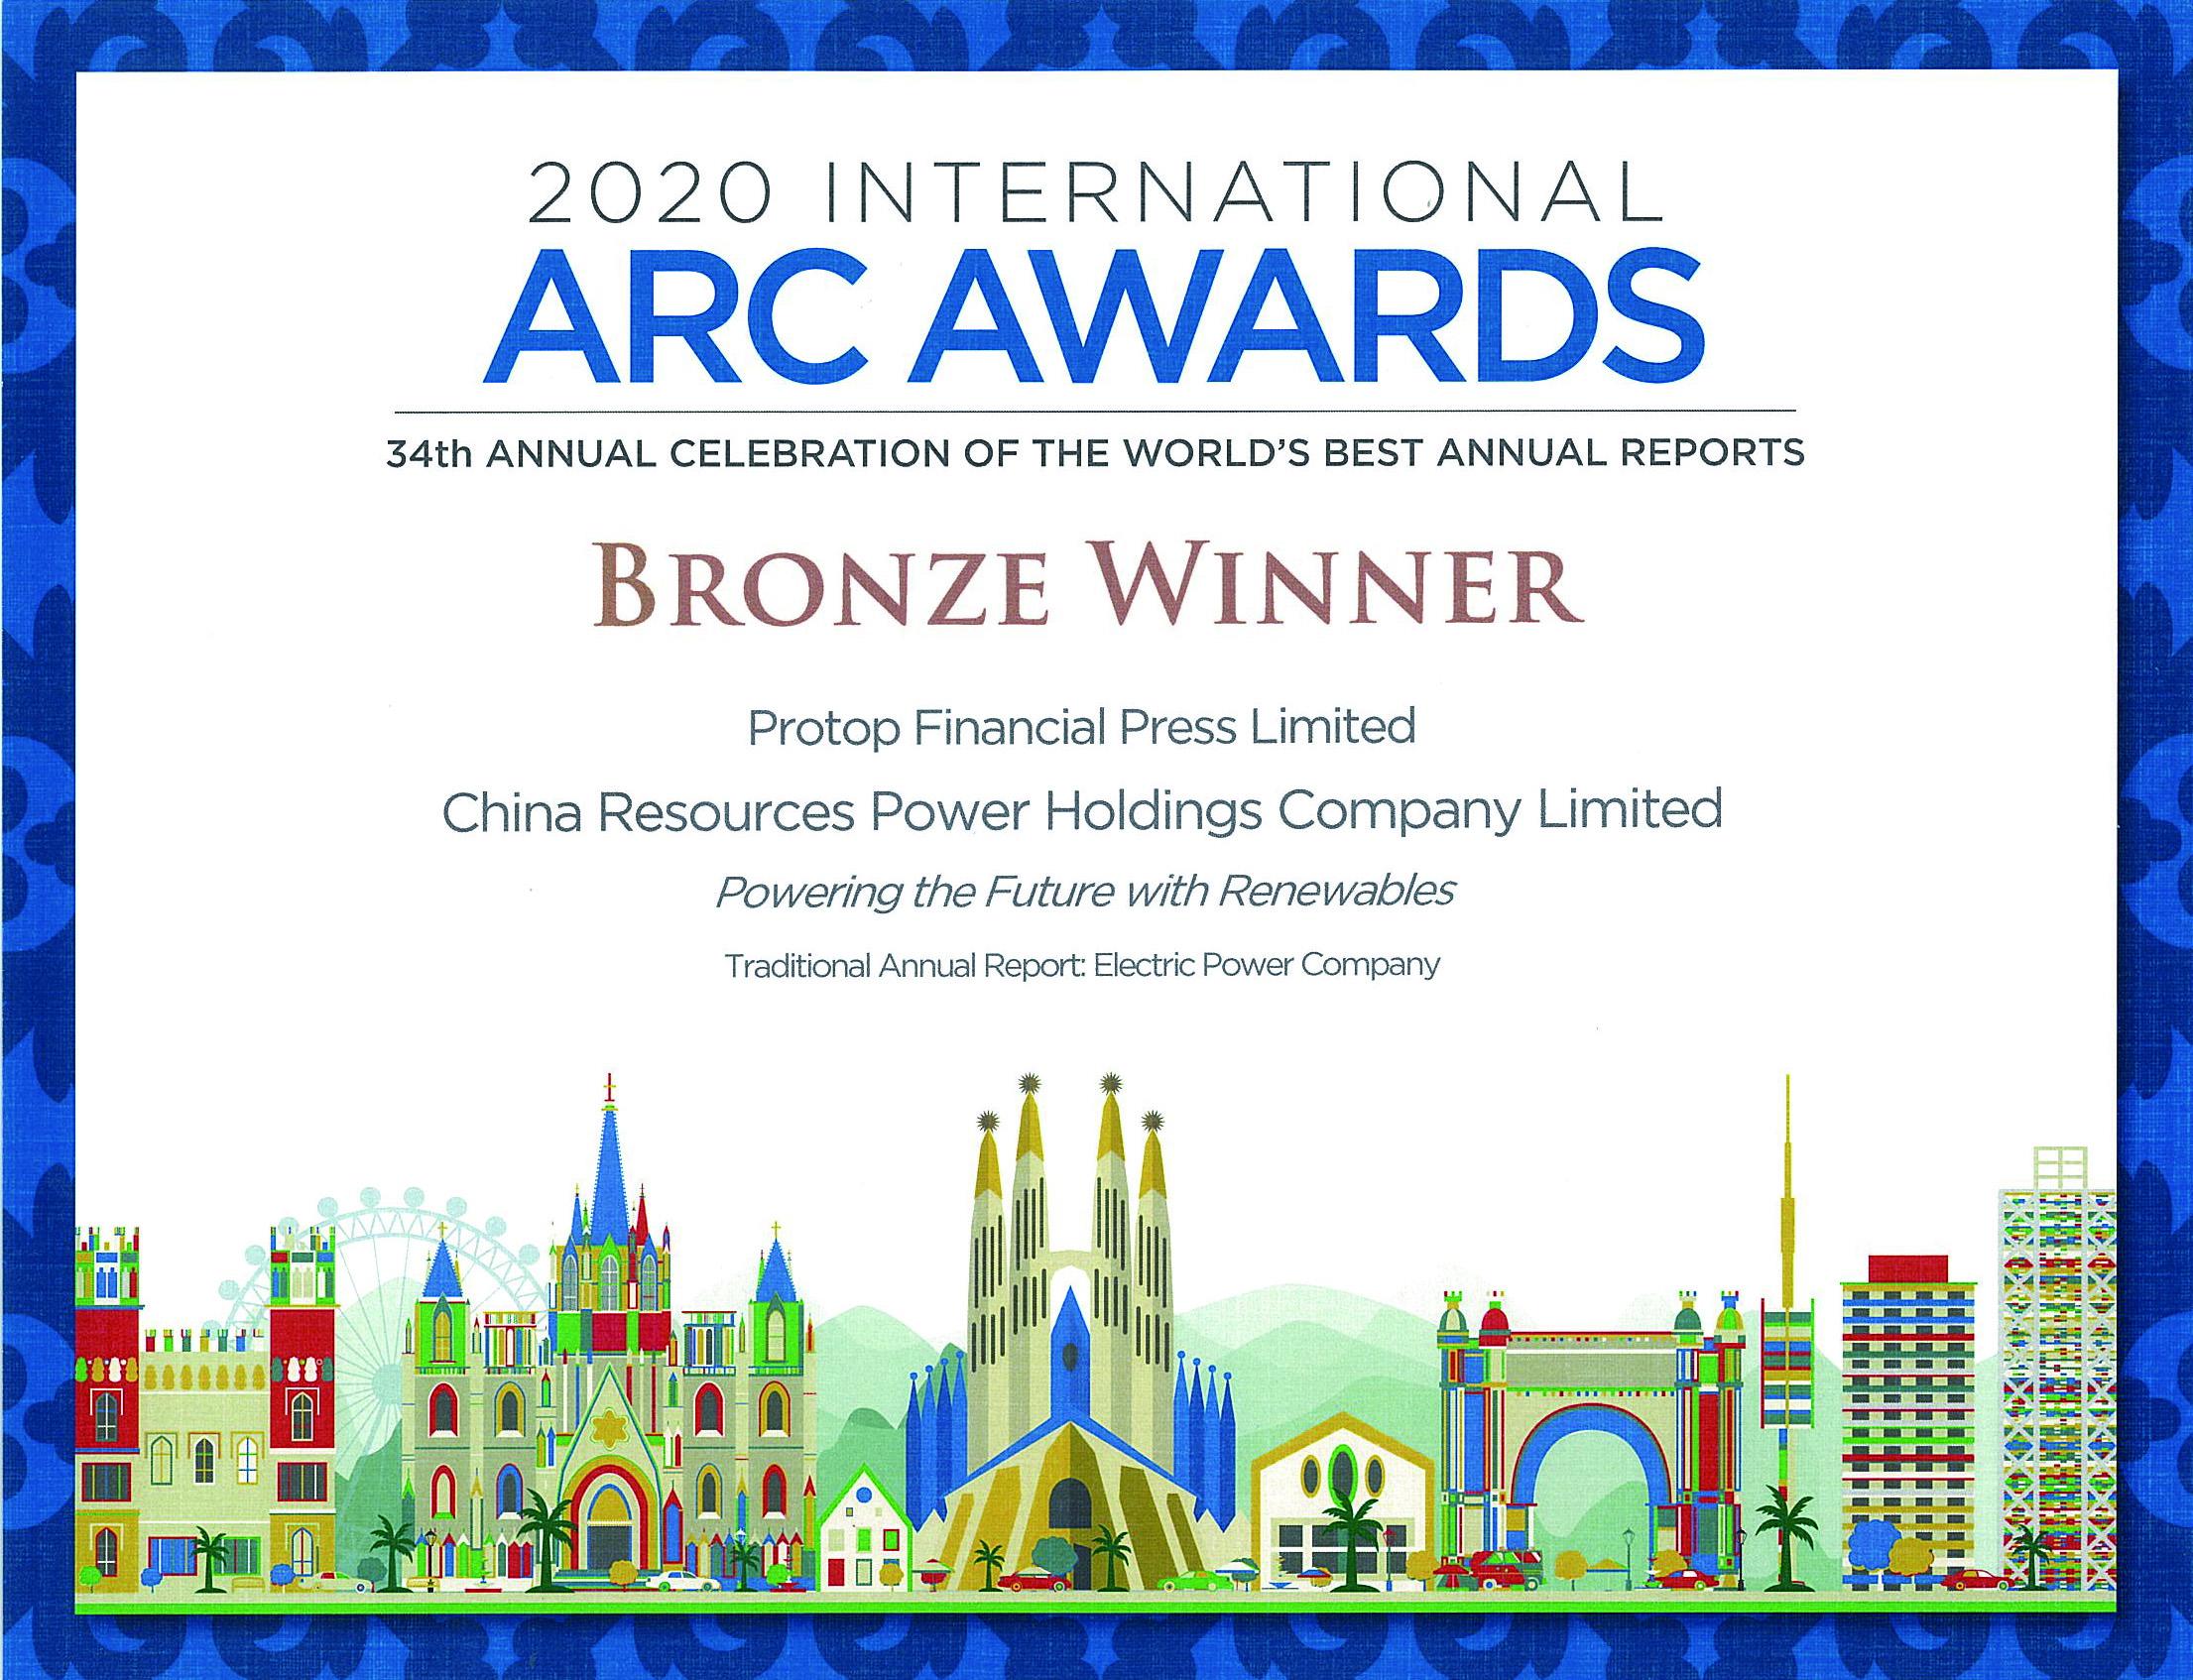 华润电力控股有限公司 2020 Bronze Award